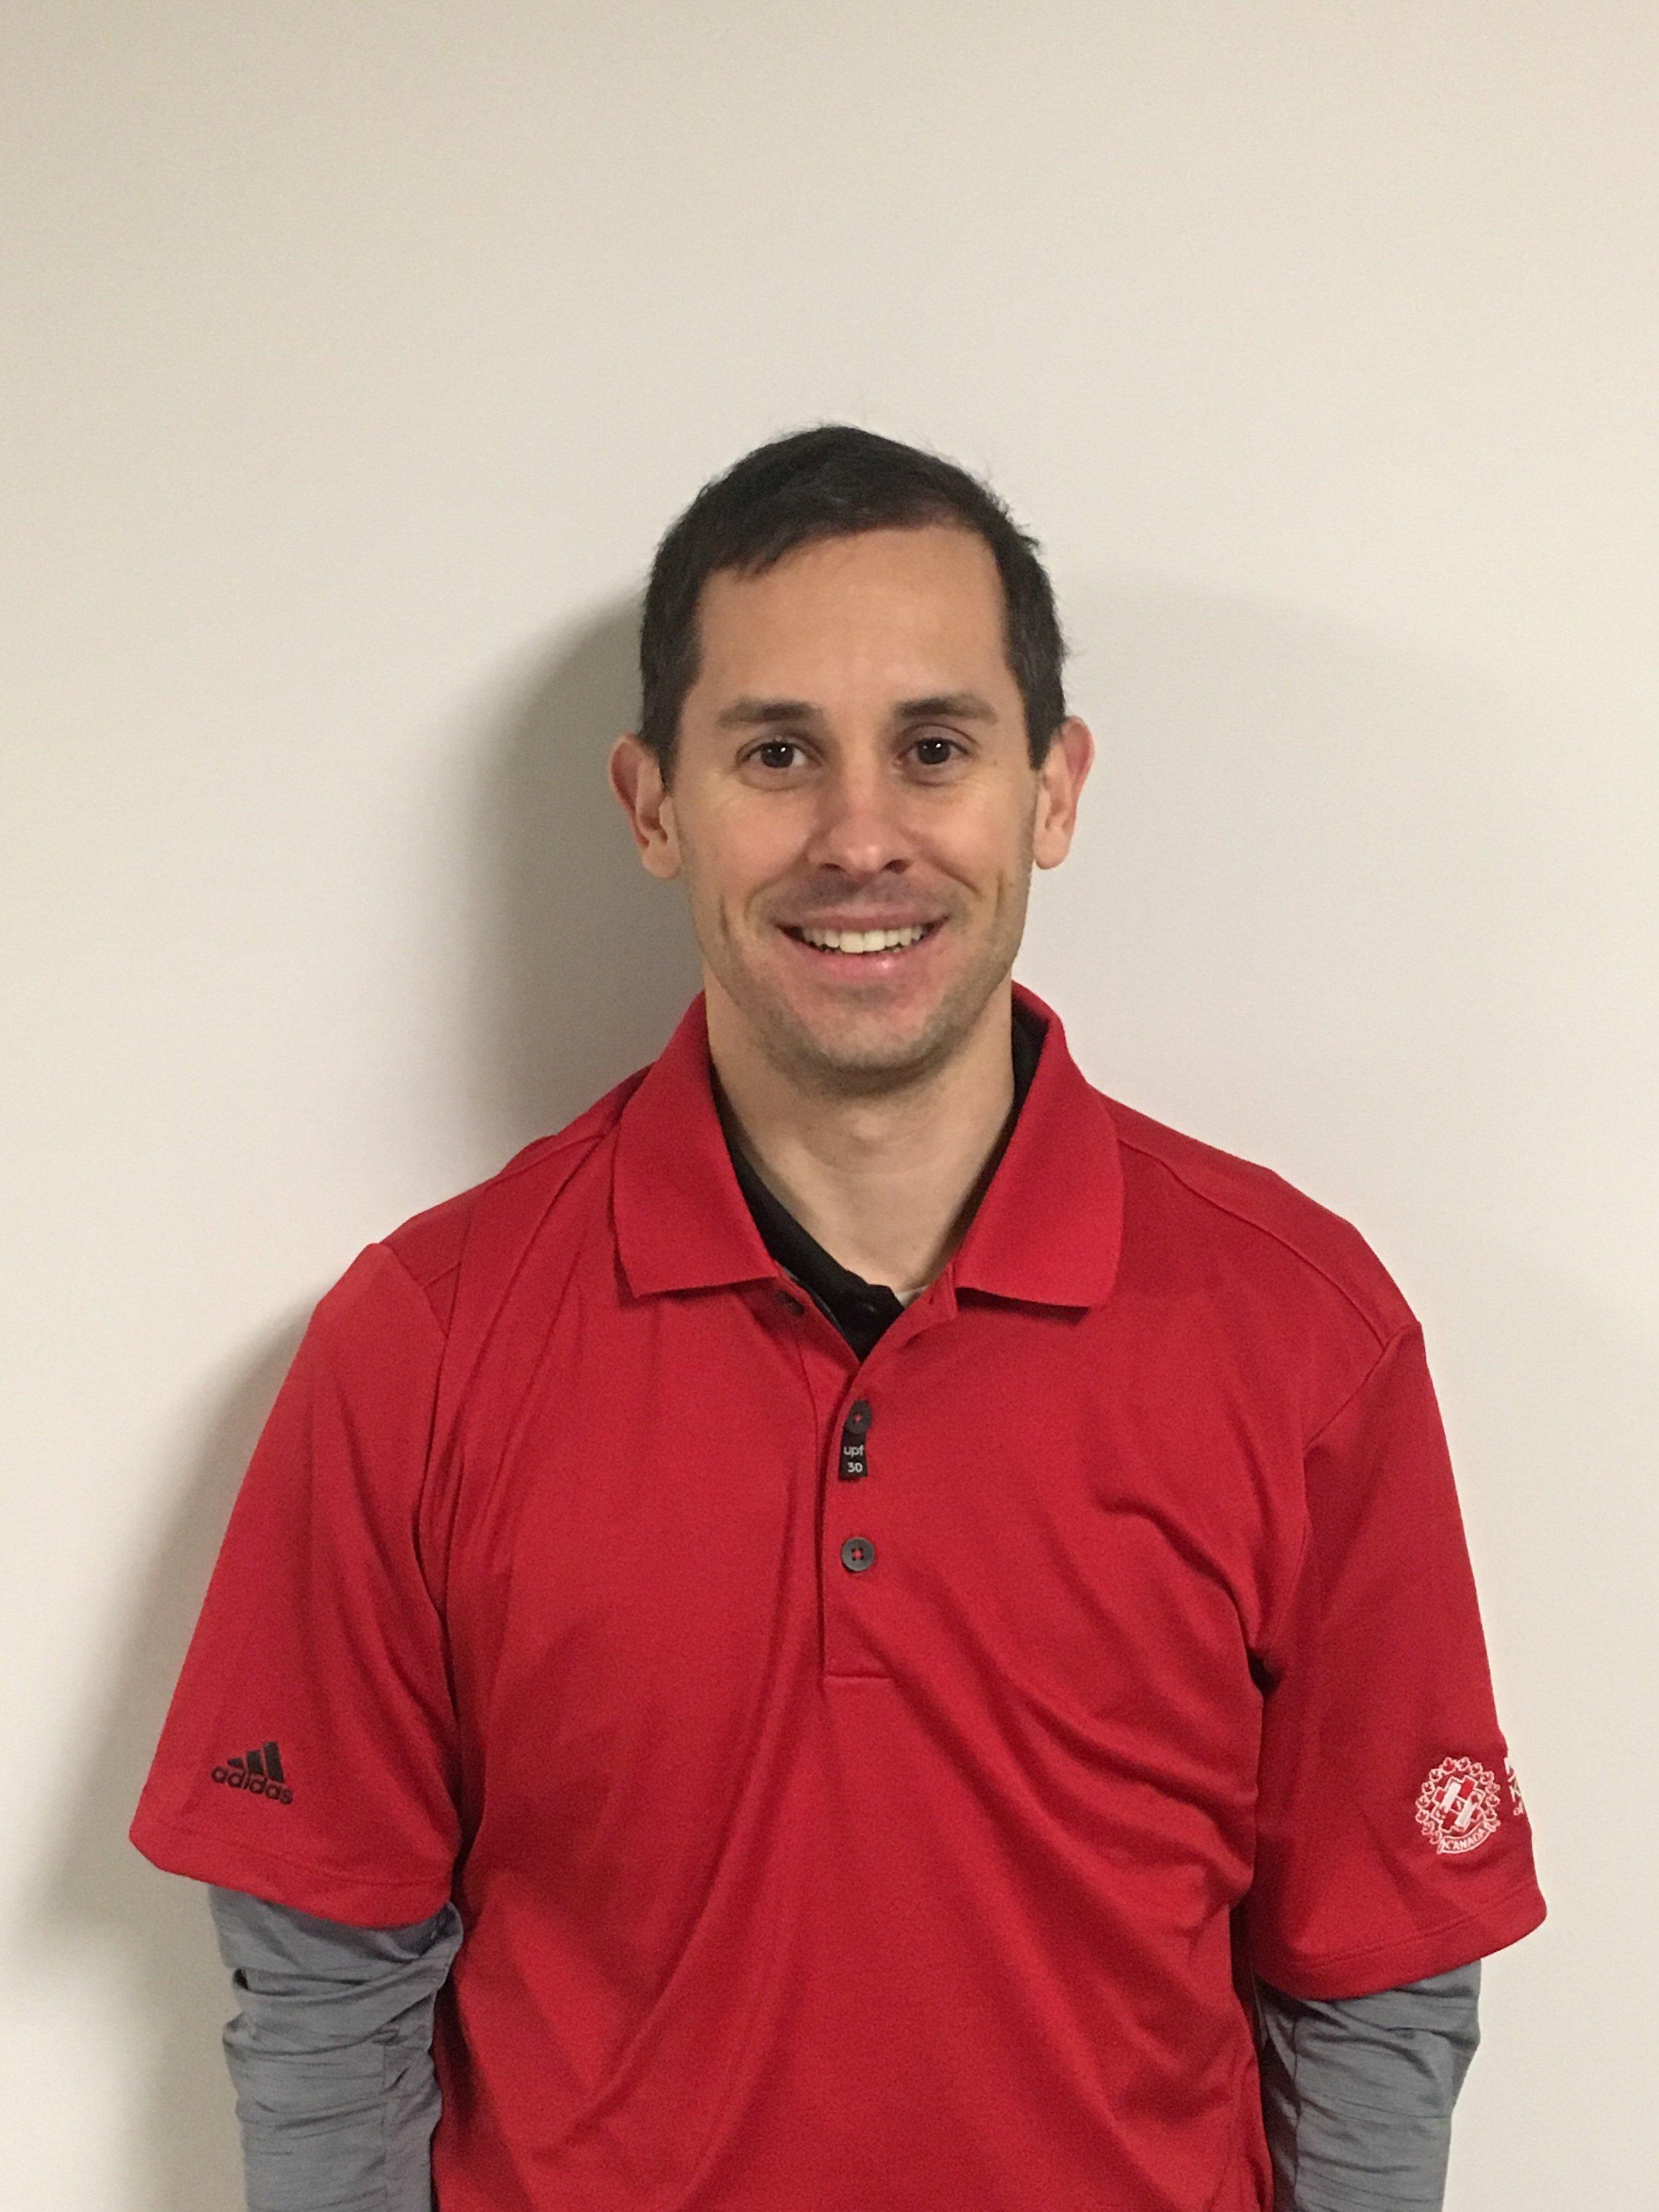 Jon Soltys , CPA, CA Treasurer, 3rd year Kinsmen Accounting Manager at Ward & Uptigrove